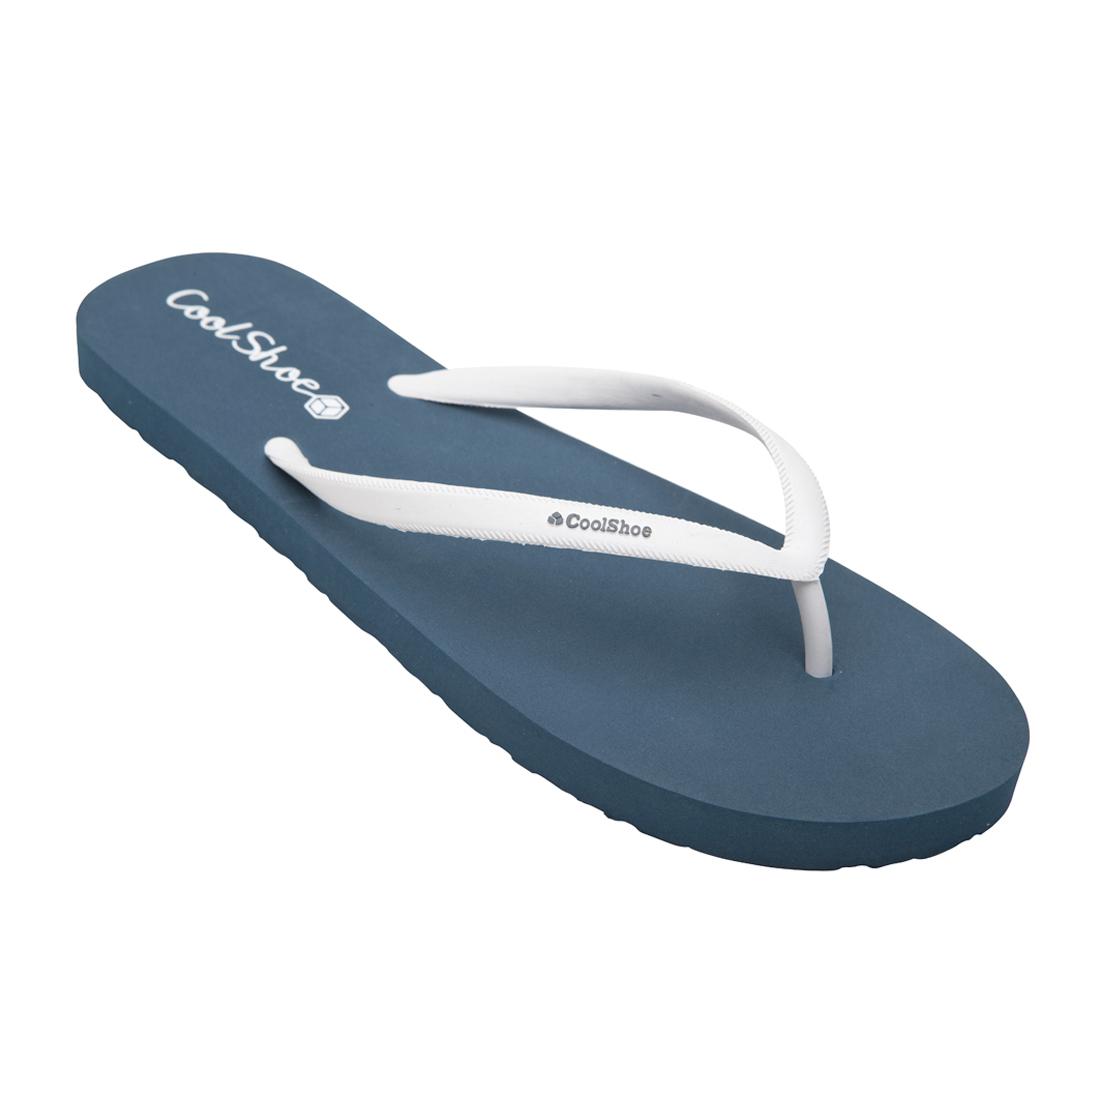 Cool Shoe Asa Womens Flip Flops   Footwear  The Board Basement-8083